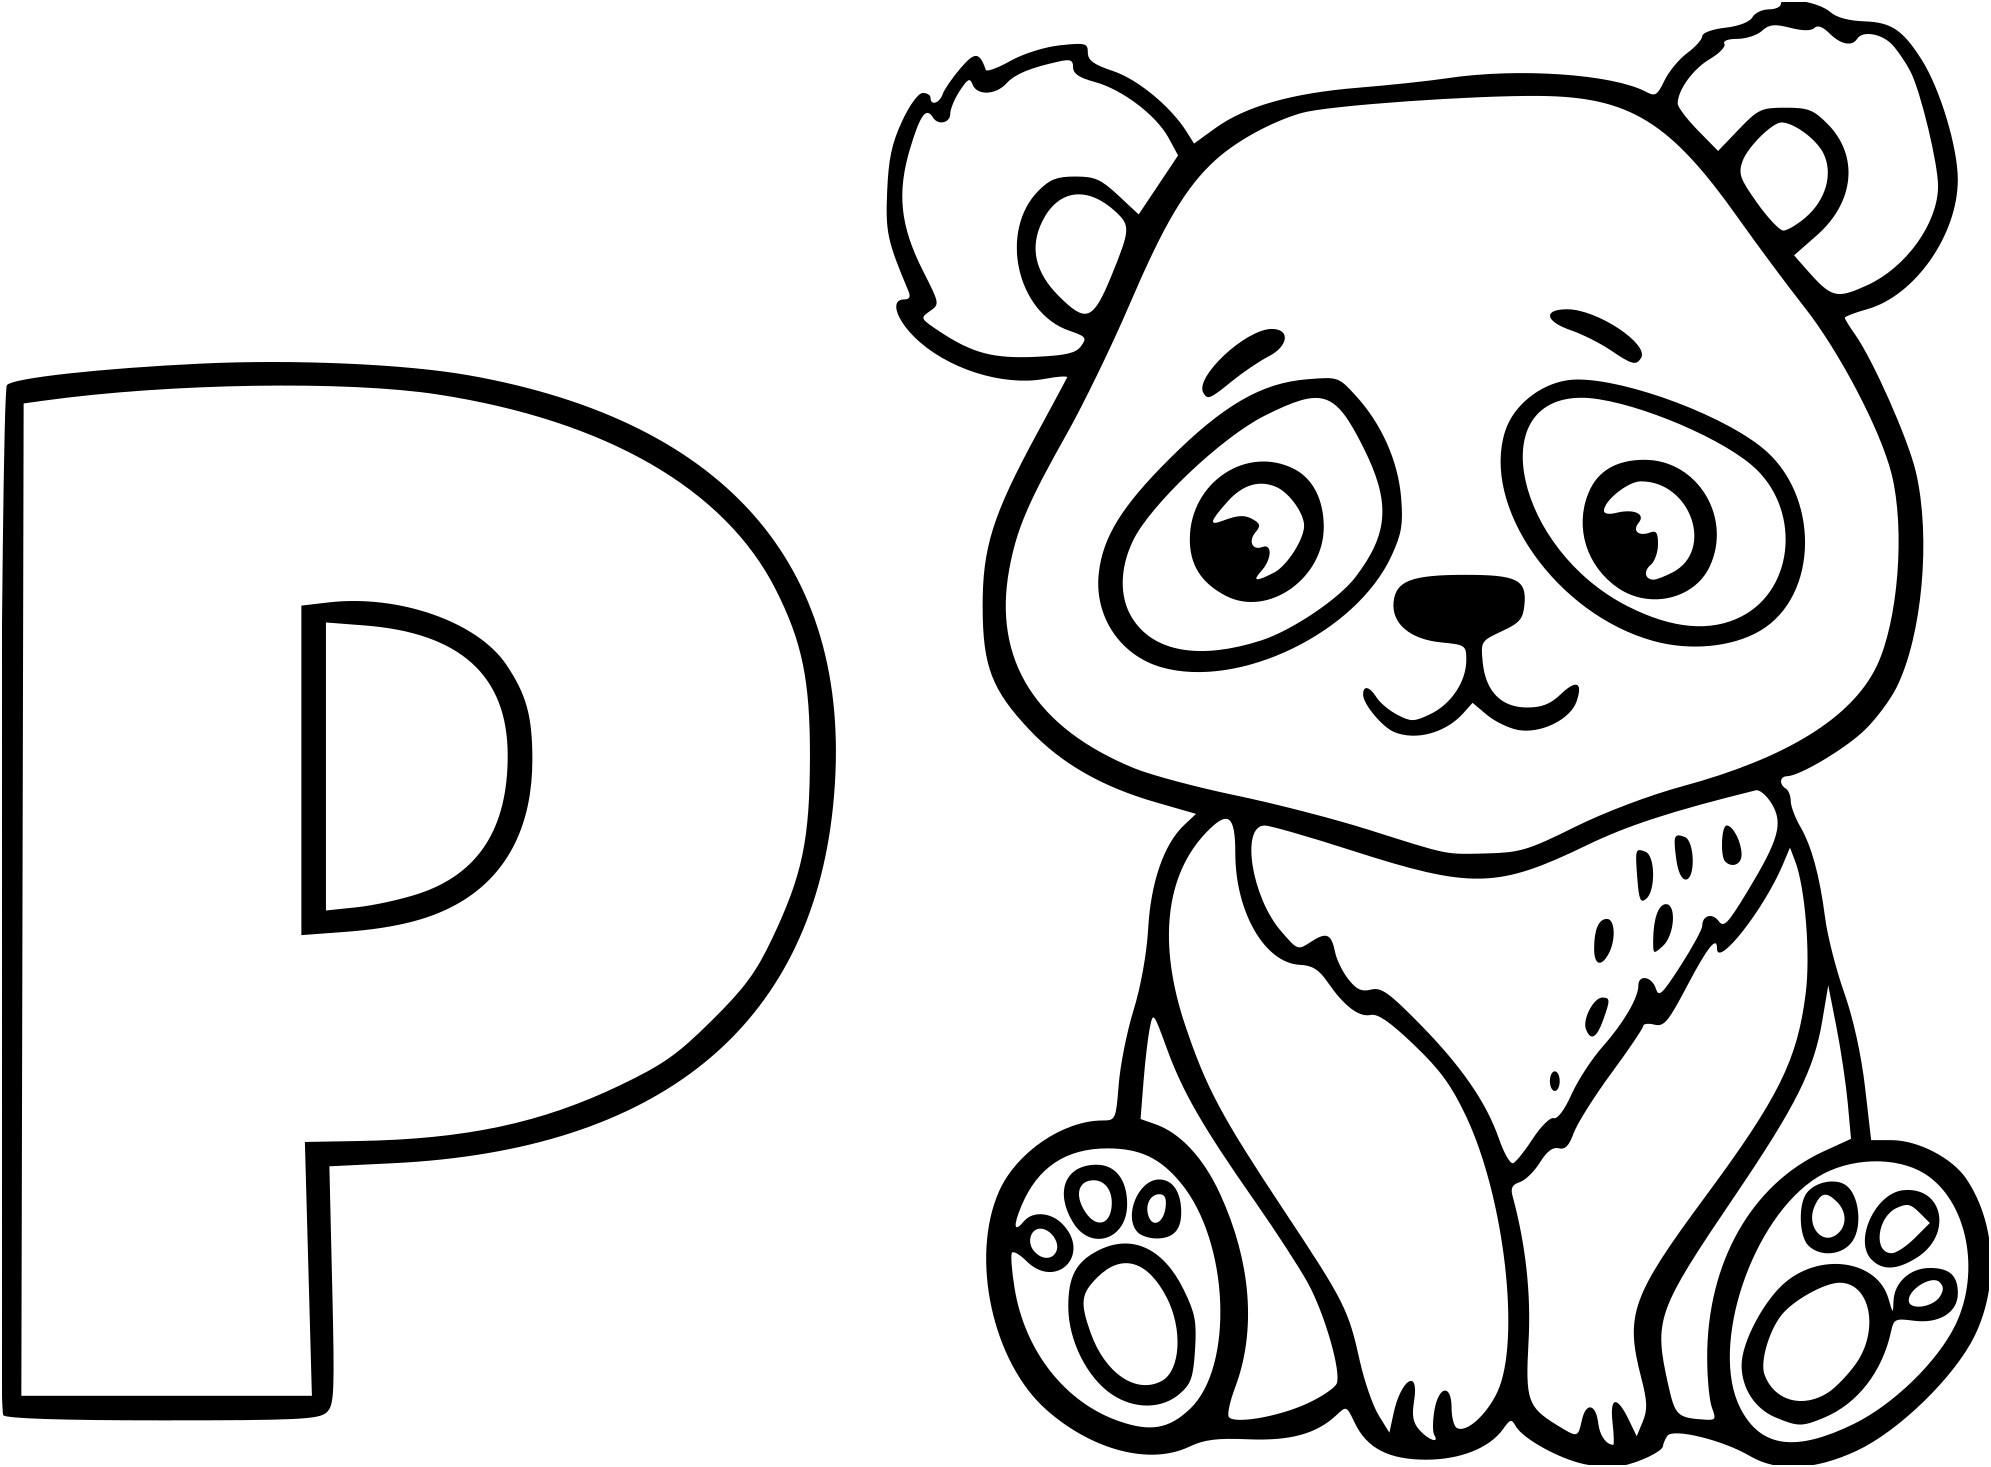 13 Localement Panda Coloriage Photos - Coloriage avec Coloriage Kung Fu Panda A Imprimer Gratuit